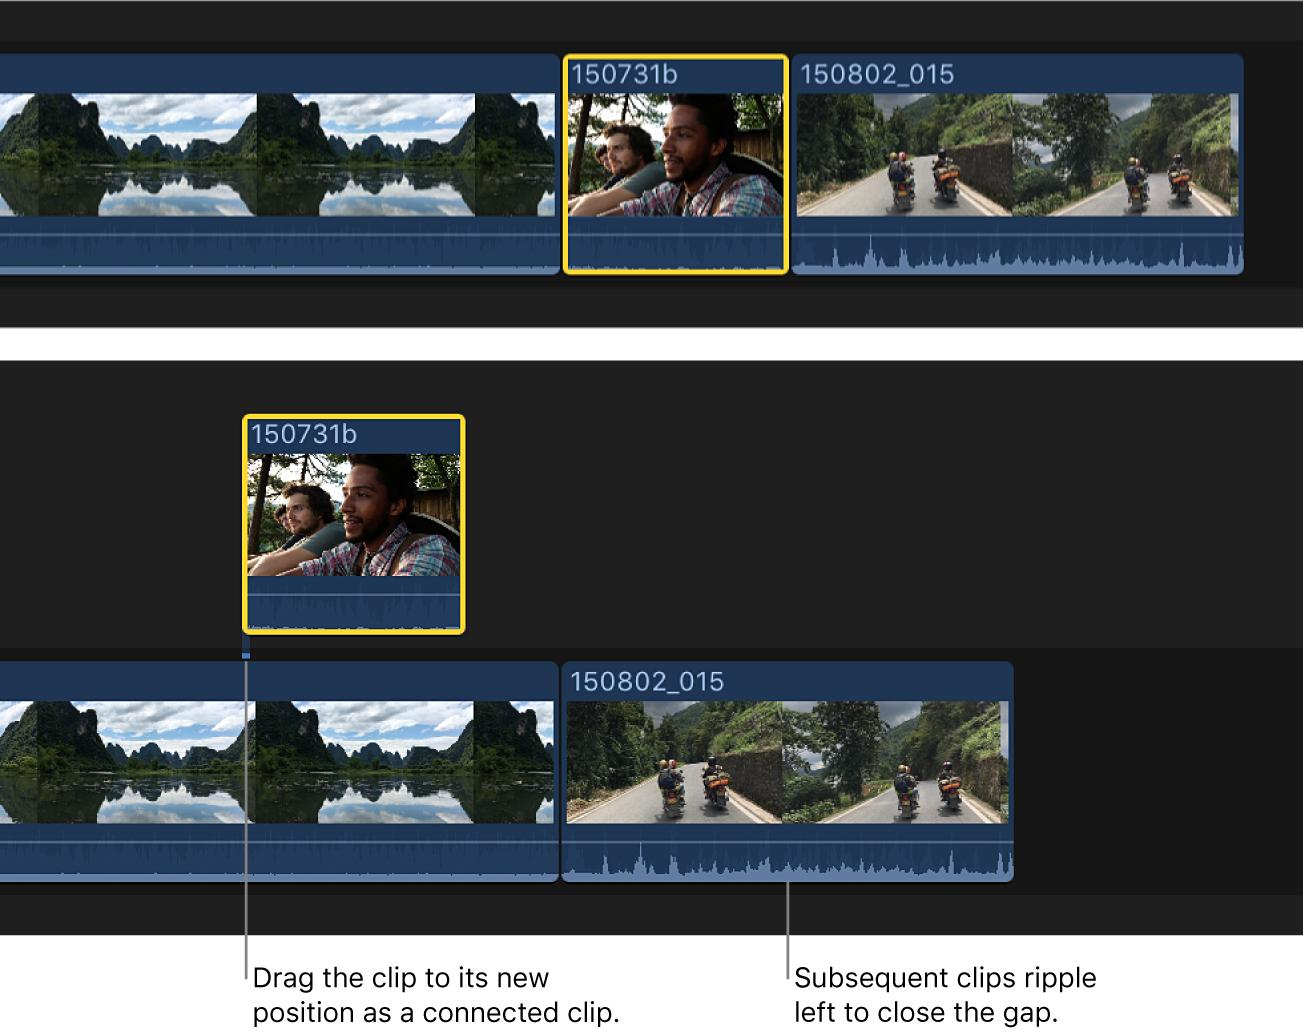 接続されたクリップとして基本ストーリーラインから新しい位置にドラッグされているタイムライン内のクリップ。基本ストーリーライン内の後続のクリップが、ギャップを埋めるために左にリップルしている